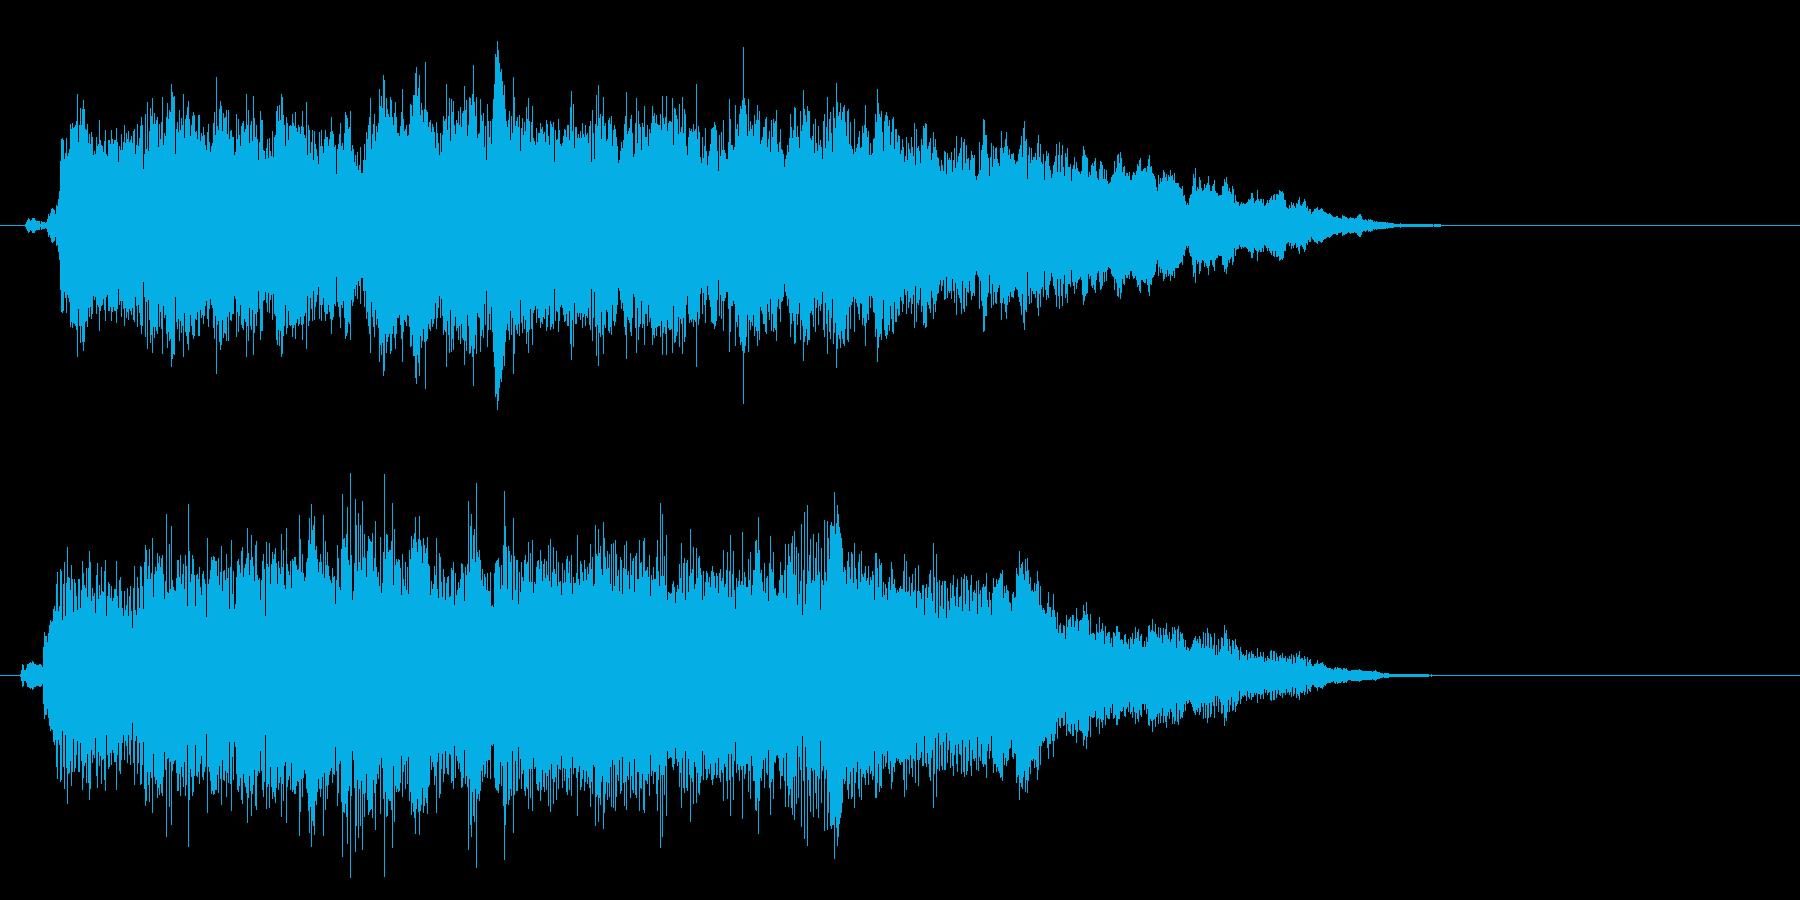 アイドルSE2 ゲームオーバーの再生済みの波形